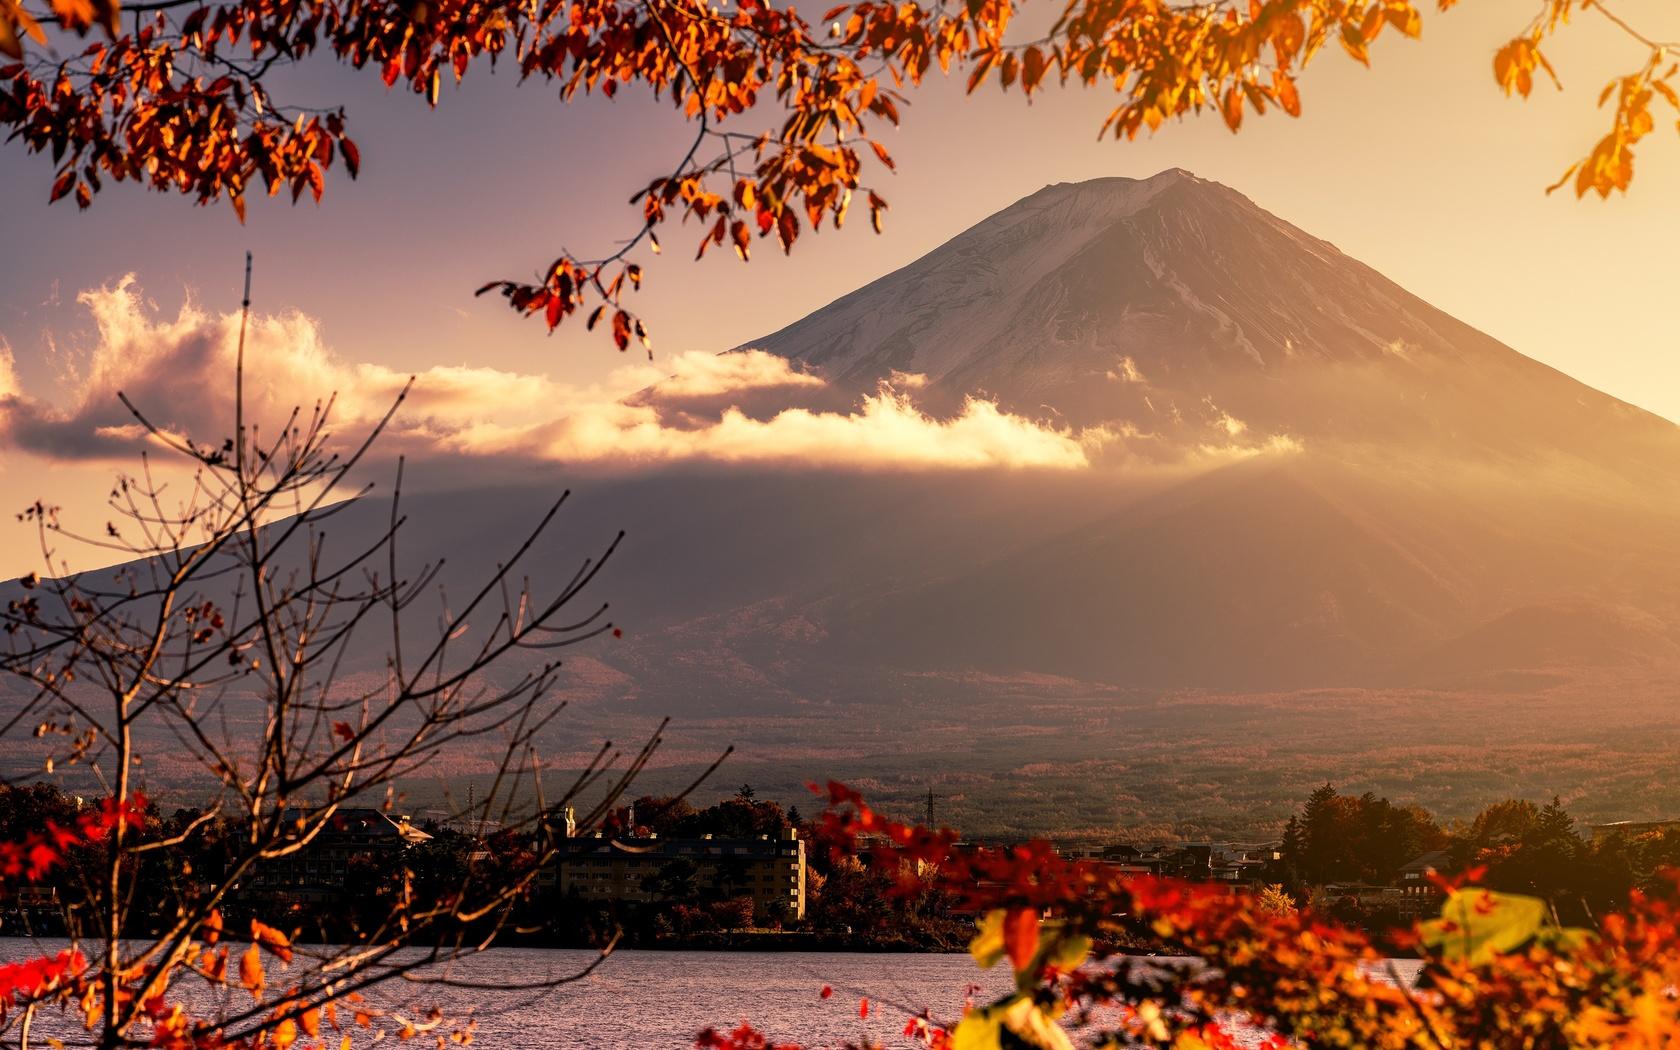 Япония, фудзияма, вулкан, природа